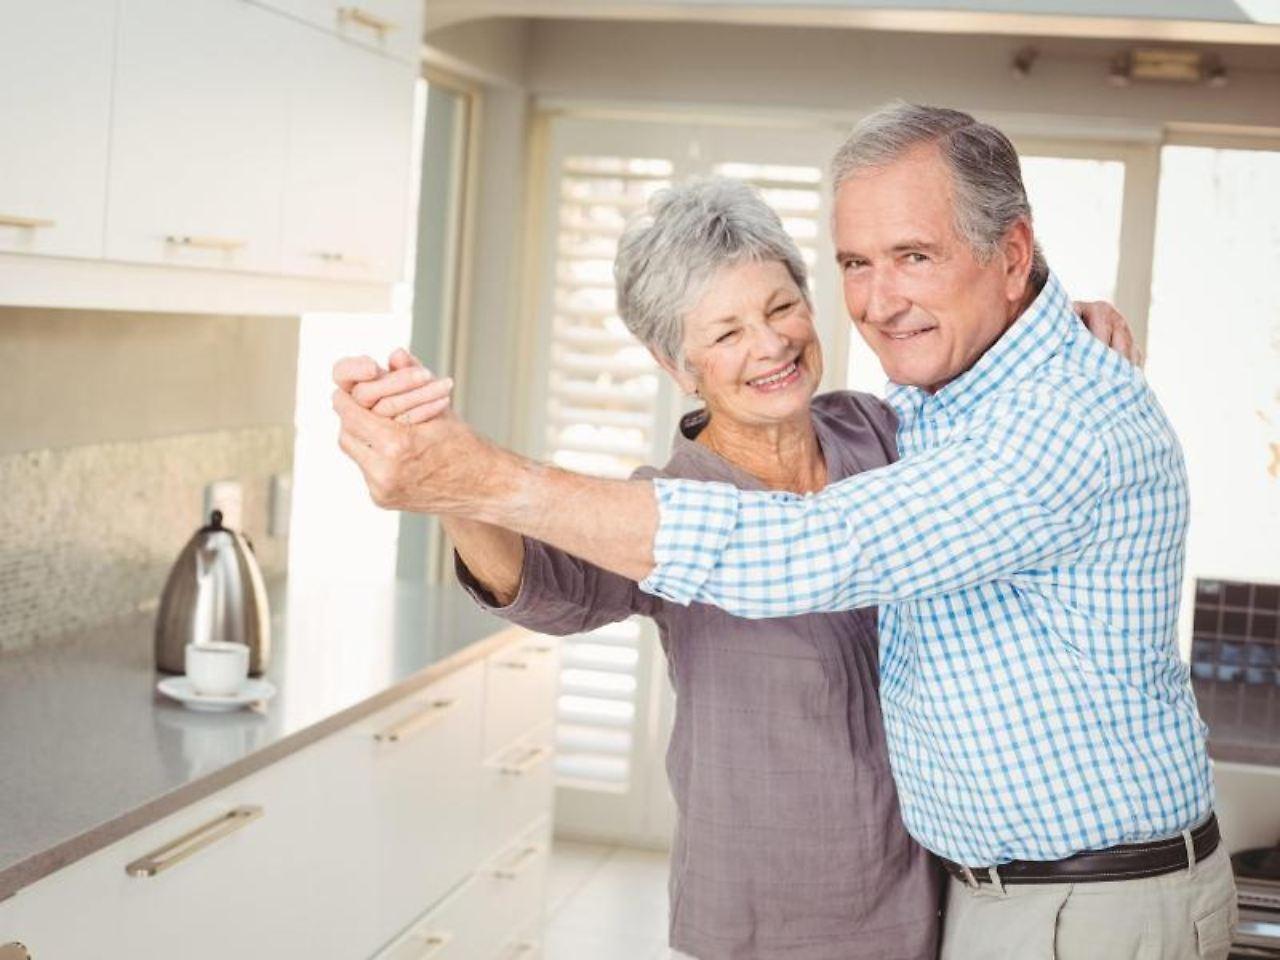 Smart Home Schlaue Technik im Haus für Ältere n tv